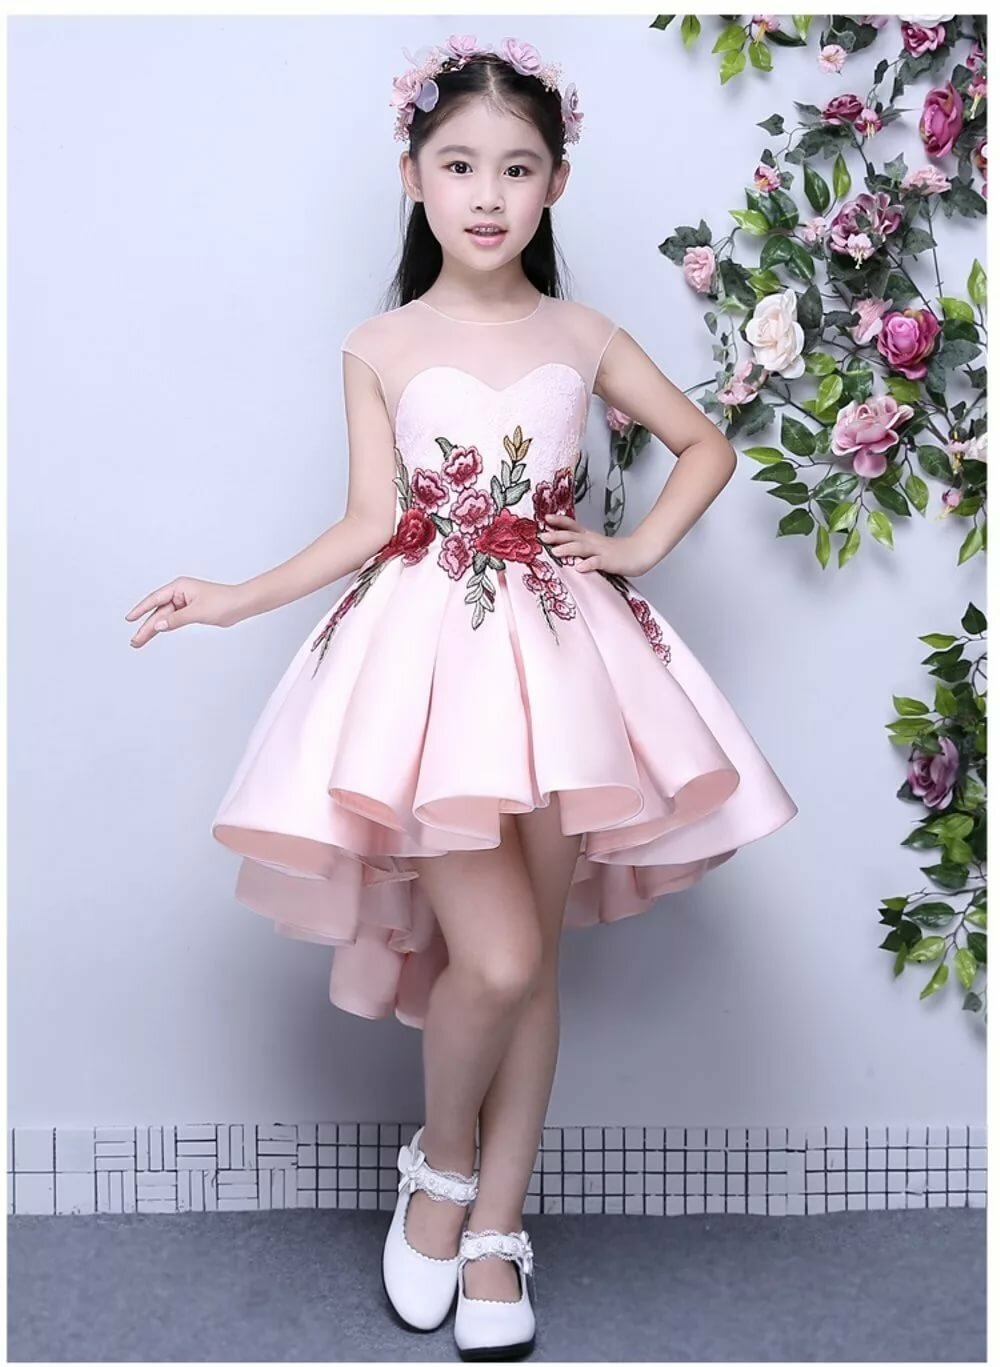 Jual A1612006 Gaun Pesta Anak Gaun Pengantin Anak Dress Anak Di